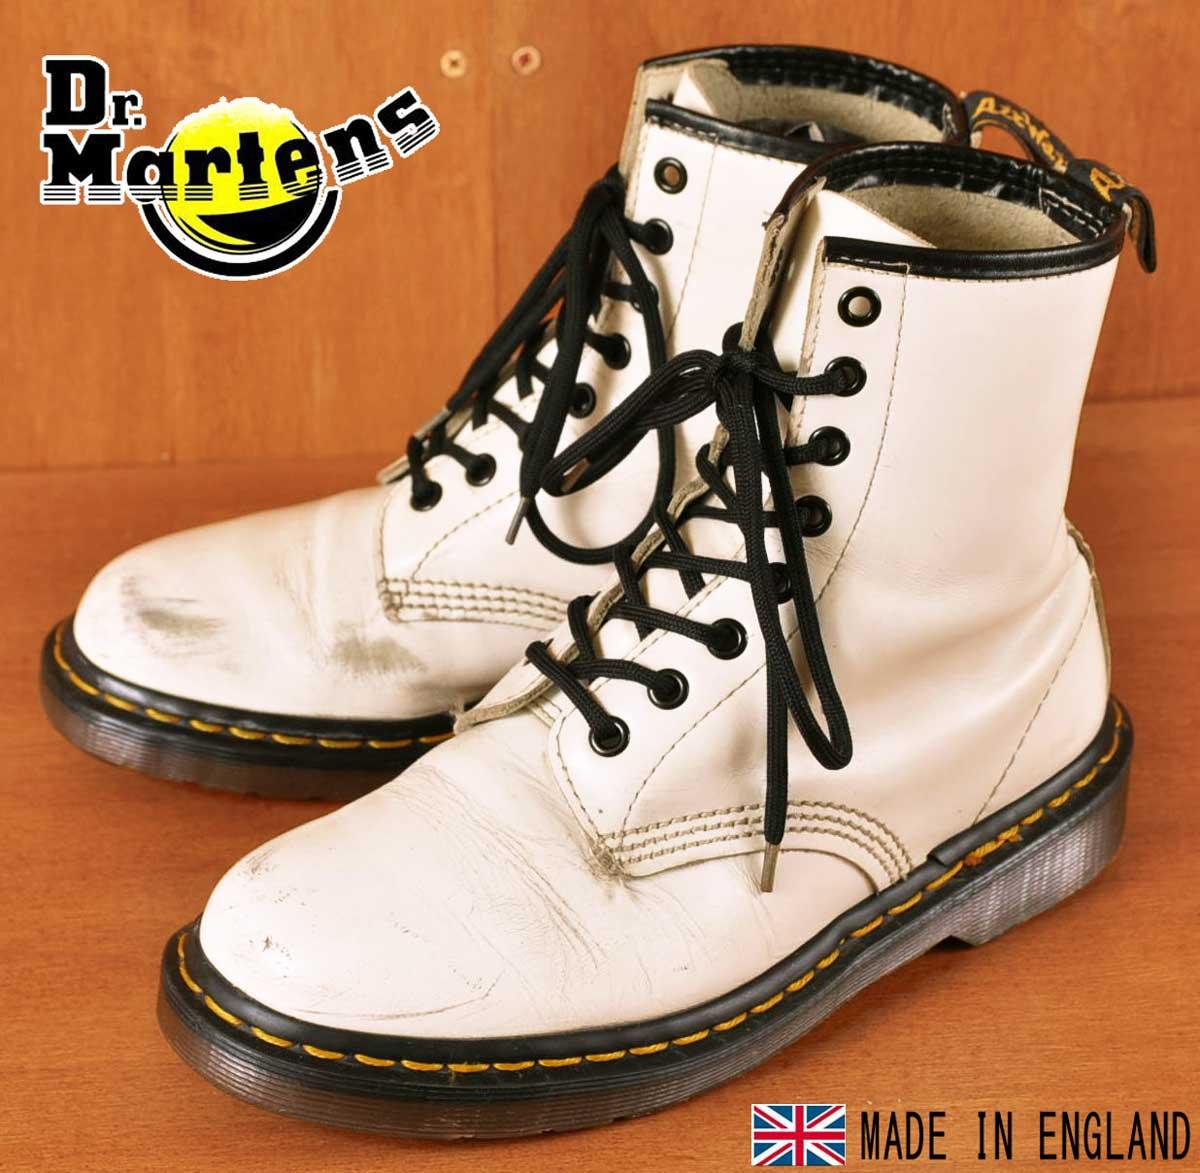 イングランド製 ヴィンテージ / Dr.martens ドクターマーチン / 8ホールブーツ / ホワイト レザー / UK5 JPN24.0cm【中古】▽